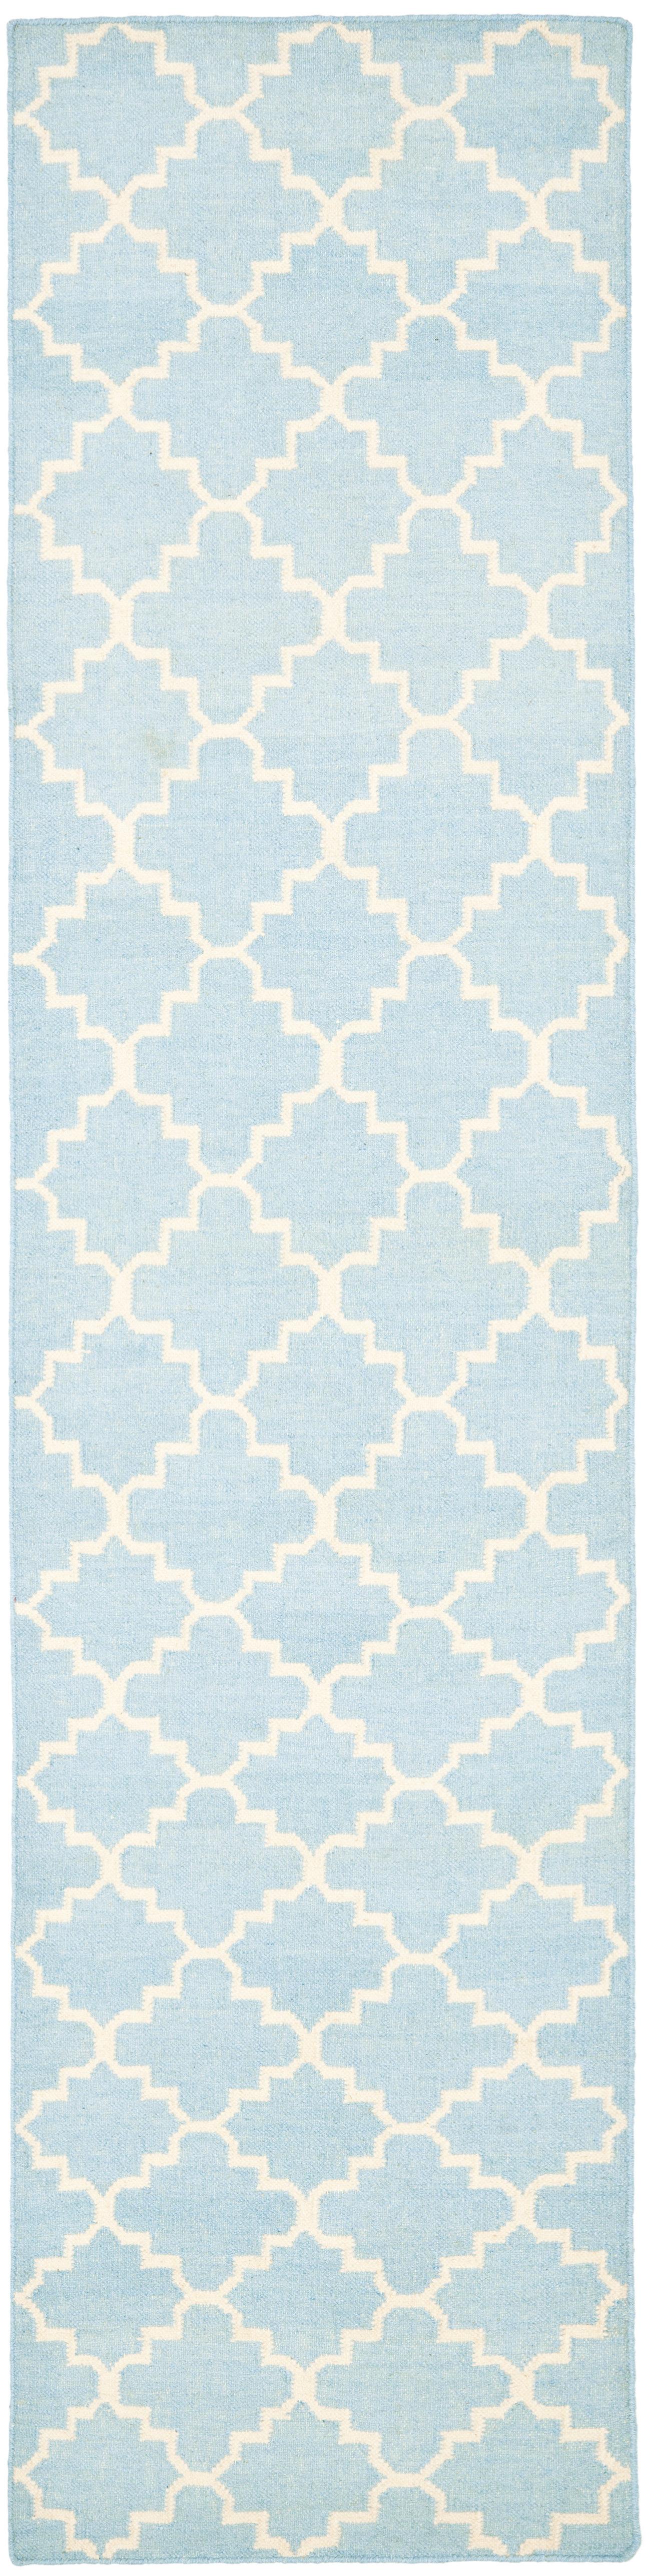 Safavieh Handgewebter Teppich Dhurrie In Hellblau Elfenbein